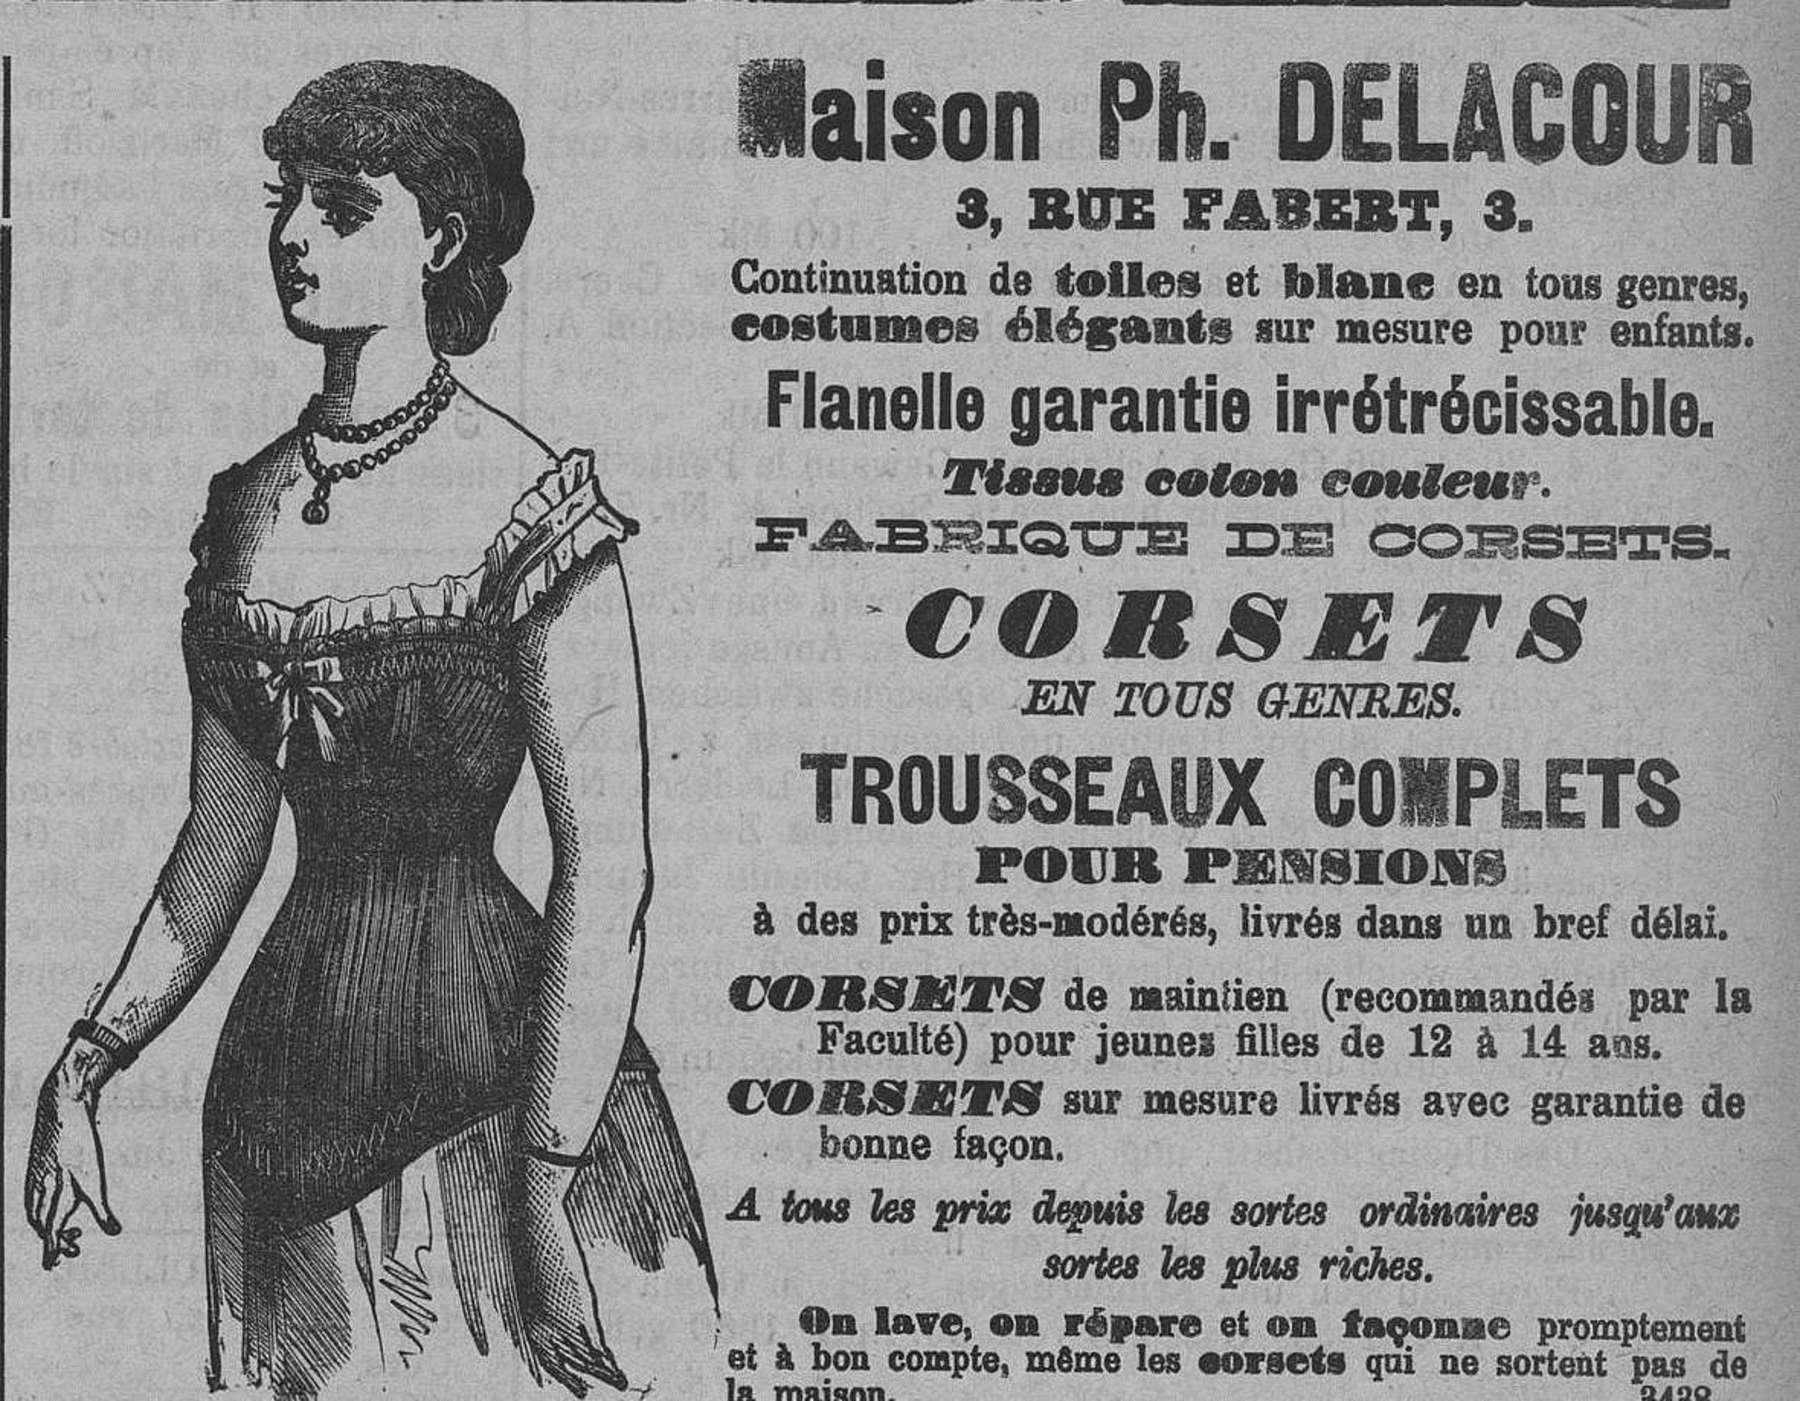 Contenu du Maison Ph. Delacour